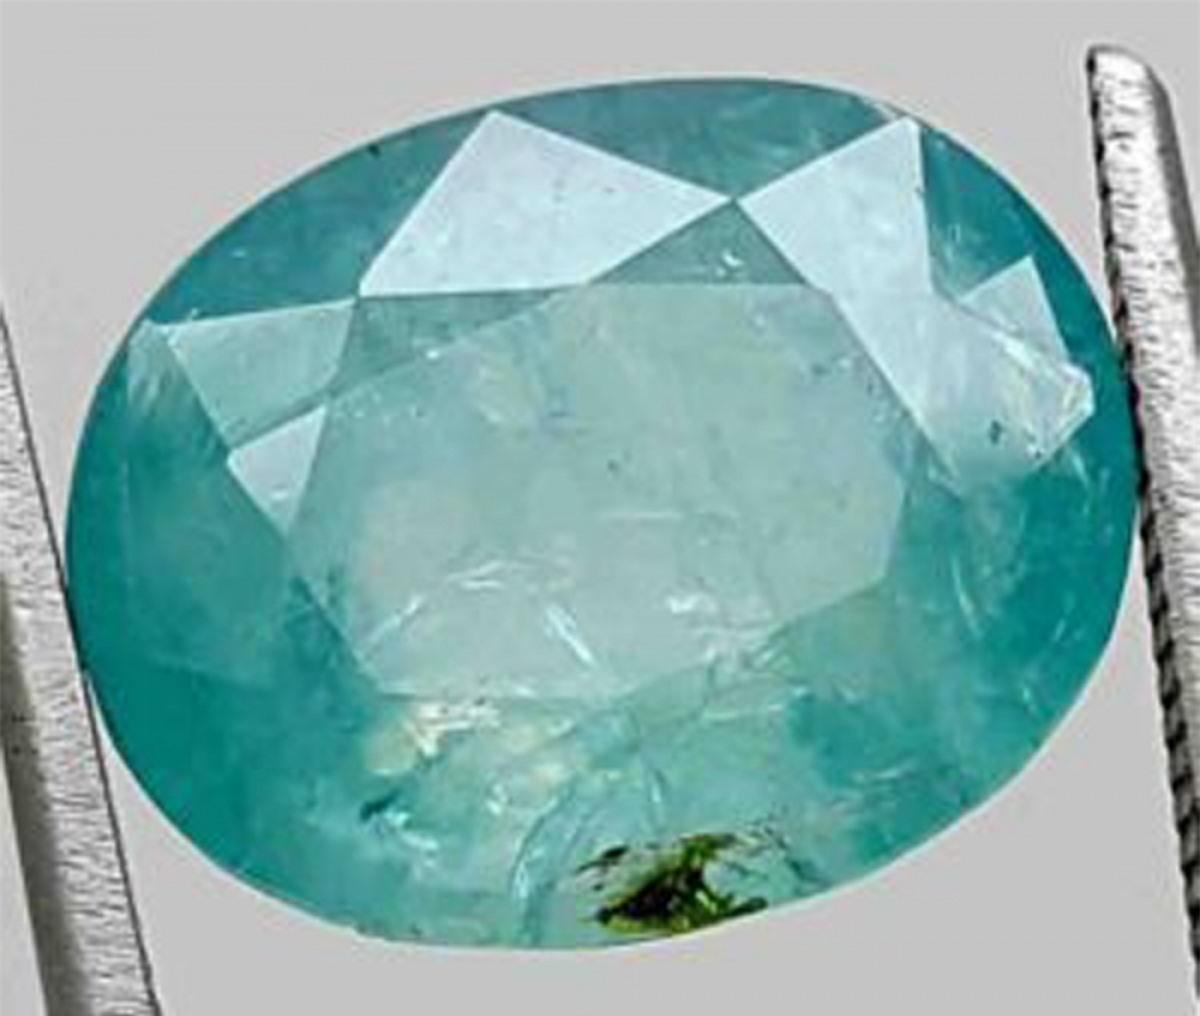 Được phát hiện ở miền nam Madagascar vào năm 1902, viên đá Grandidierite này có giá 20.000 USD mỗi carat.